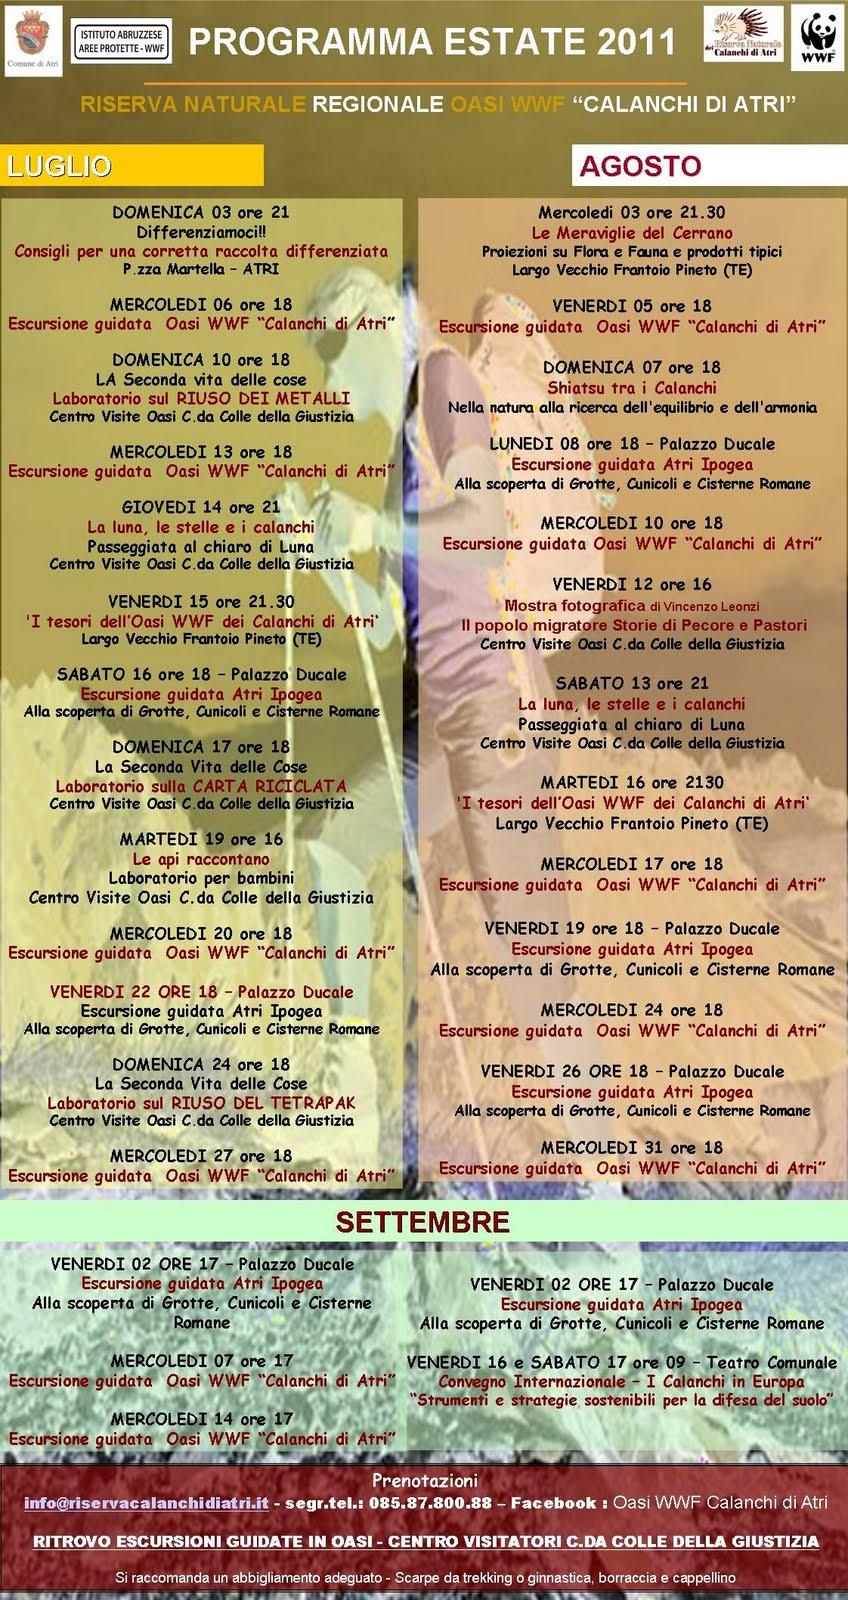 Casamonteverde holiday home calanchi di atri programma for Programma della mappa della casa